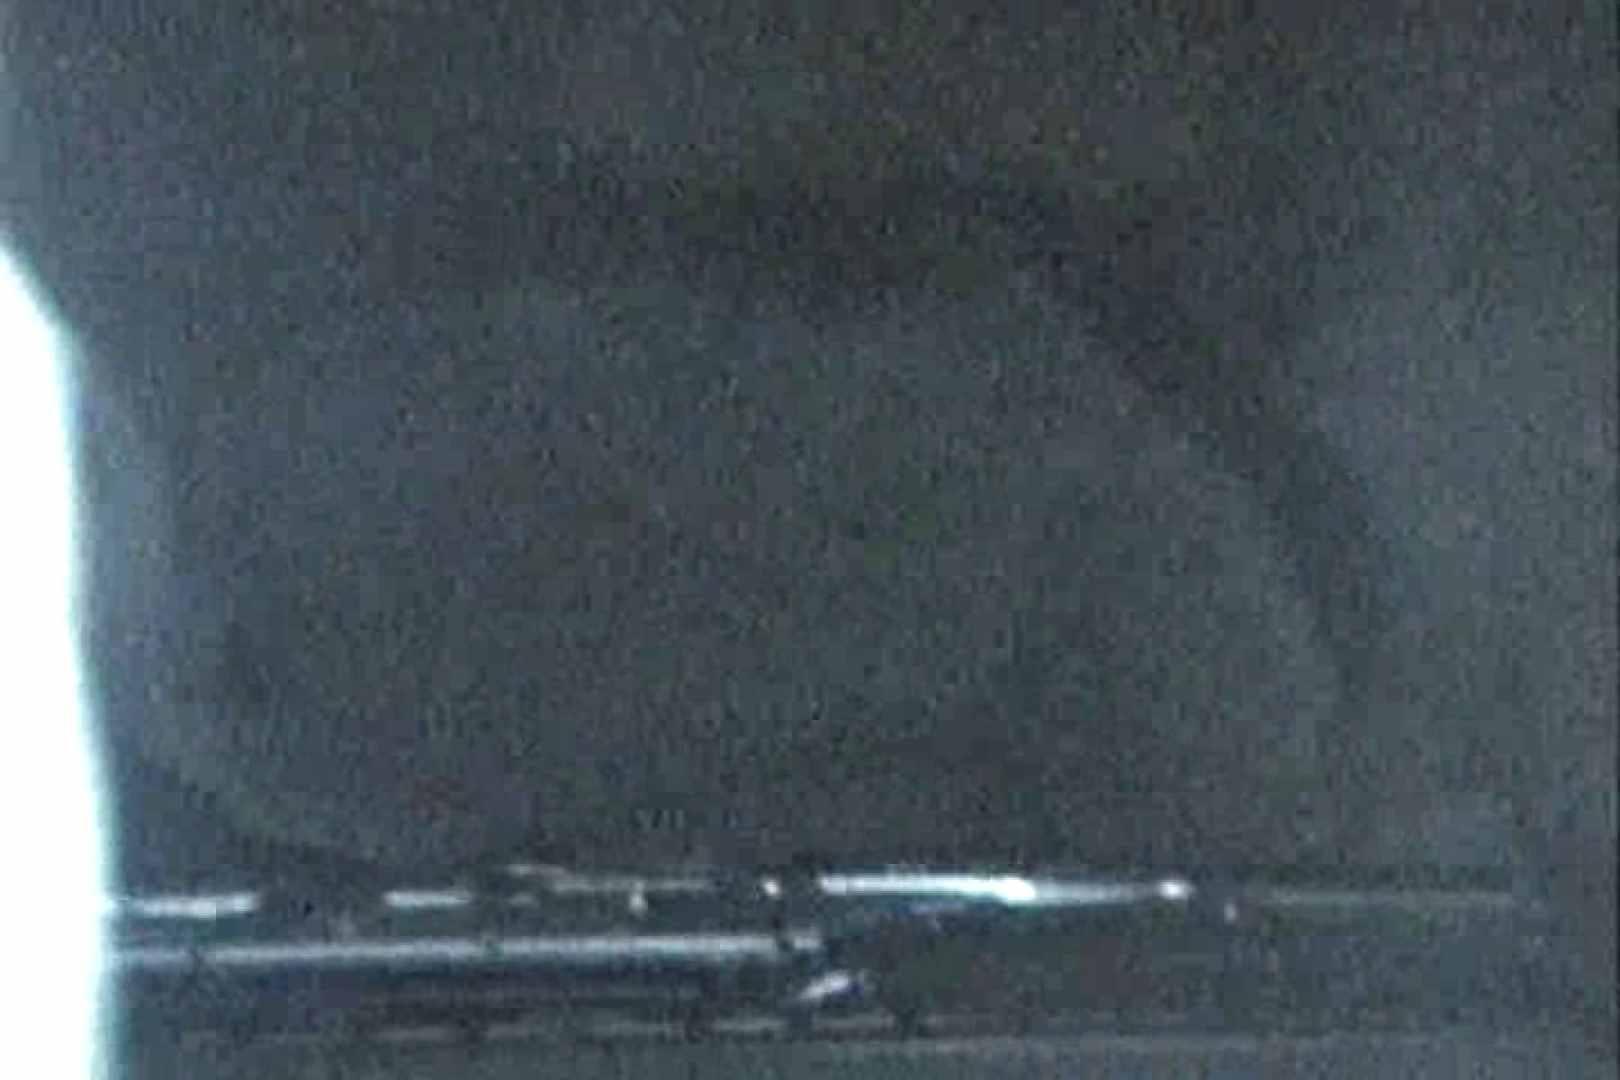 充血監督の深夜の運動会Vol.14 盗撮 おまんこ無修正動画無料 103画像 69